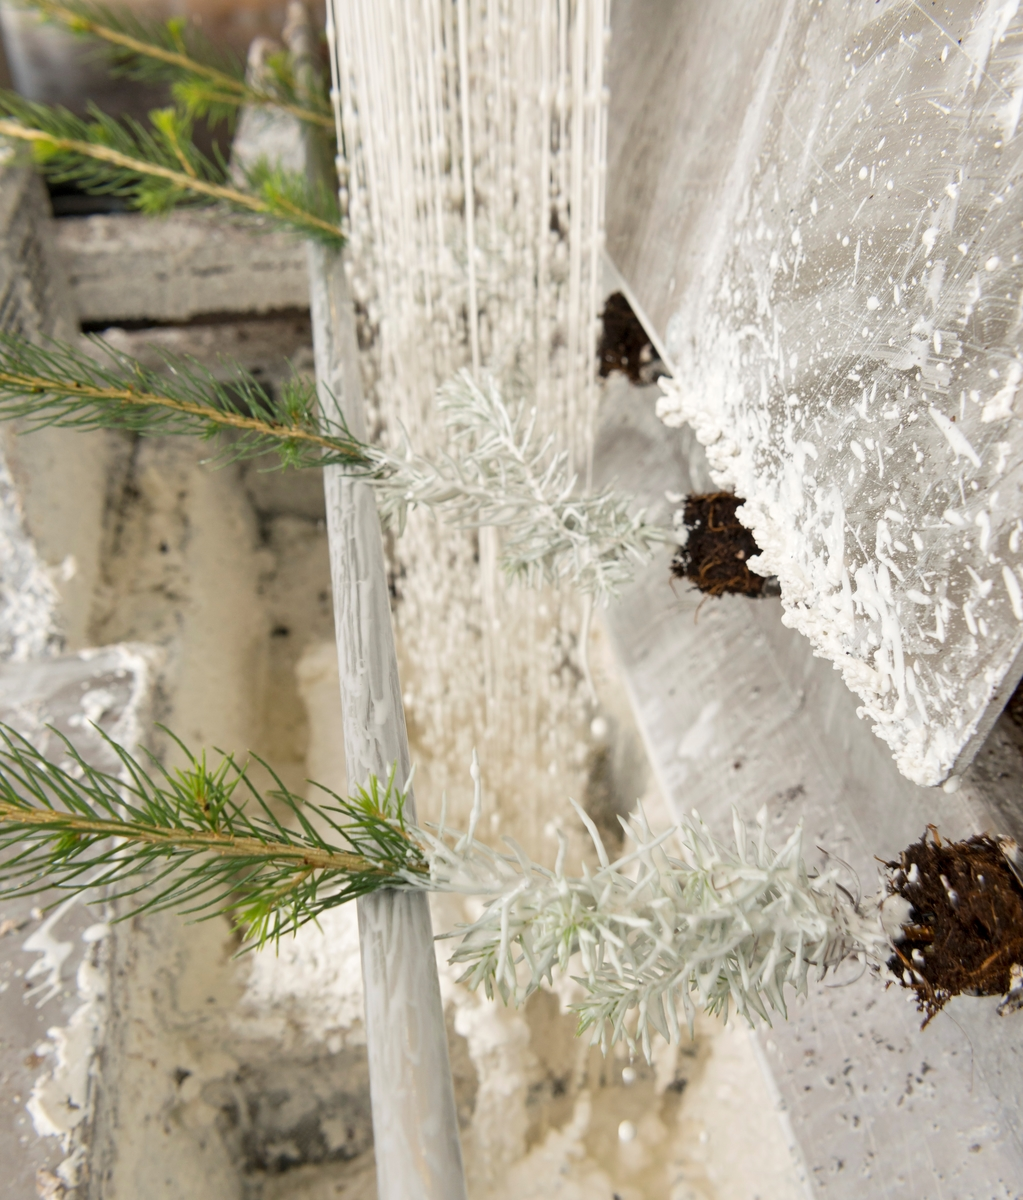 Voksing av granplante ved Biri planteskole i Oppland våren 2017.  Voksingsarbeidet foregår ved en samlebåndsmaskin som betjenes av fire-fem personer.  Rotklumpene på pottebrettplantene festes mellom fire fjærer på «staker» (holdere) føres langsomt mot en sone der de i to faser dusjes med voks og deretter avkjøles med kaldt vann.  Ettersom det bare er 10-12 centimeter ved rotsonen som skal vokses, «vris» båndet slik at plantene ligger i horisontal stilling i de nevnte dusjsonene.  Deretter rettes de opp igjen og går videre til en posisjon hvor voksede planter tas opp av stakene og pakkes i bunter på 40 med tynn plastfolie omkring rotklumpene.  Buntene samles i rammer av trespon.  Dette fotografiet er tatt i det partiet der plantene først dusjes med varm voks, deretter med avkjølende vann.  Voksinga av skogplantene er et alternativ til kjemisk sprøyting mot gransnutebiller (Hylobius abietis), som har gjerne angriper rothalsene på skogplantene like etter utplanting.  De kjemiske midlene skylles lett vekk dersom det kommer mye nedbør i den sårbare fasen etter utplanting.  Voksede planter koster cirka 50 øre mer enn dem som gis kjemisk insektbehandling.